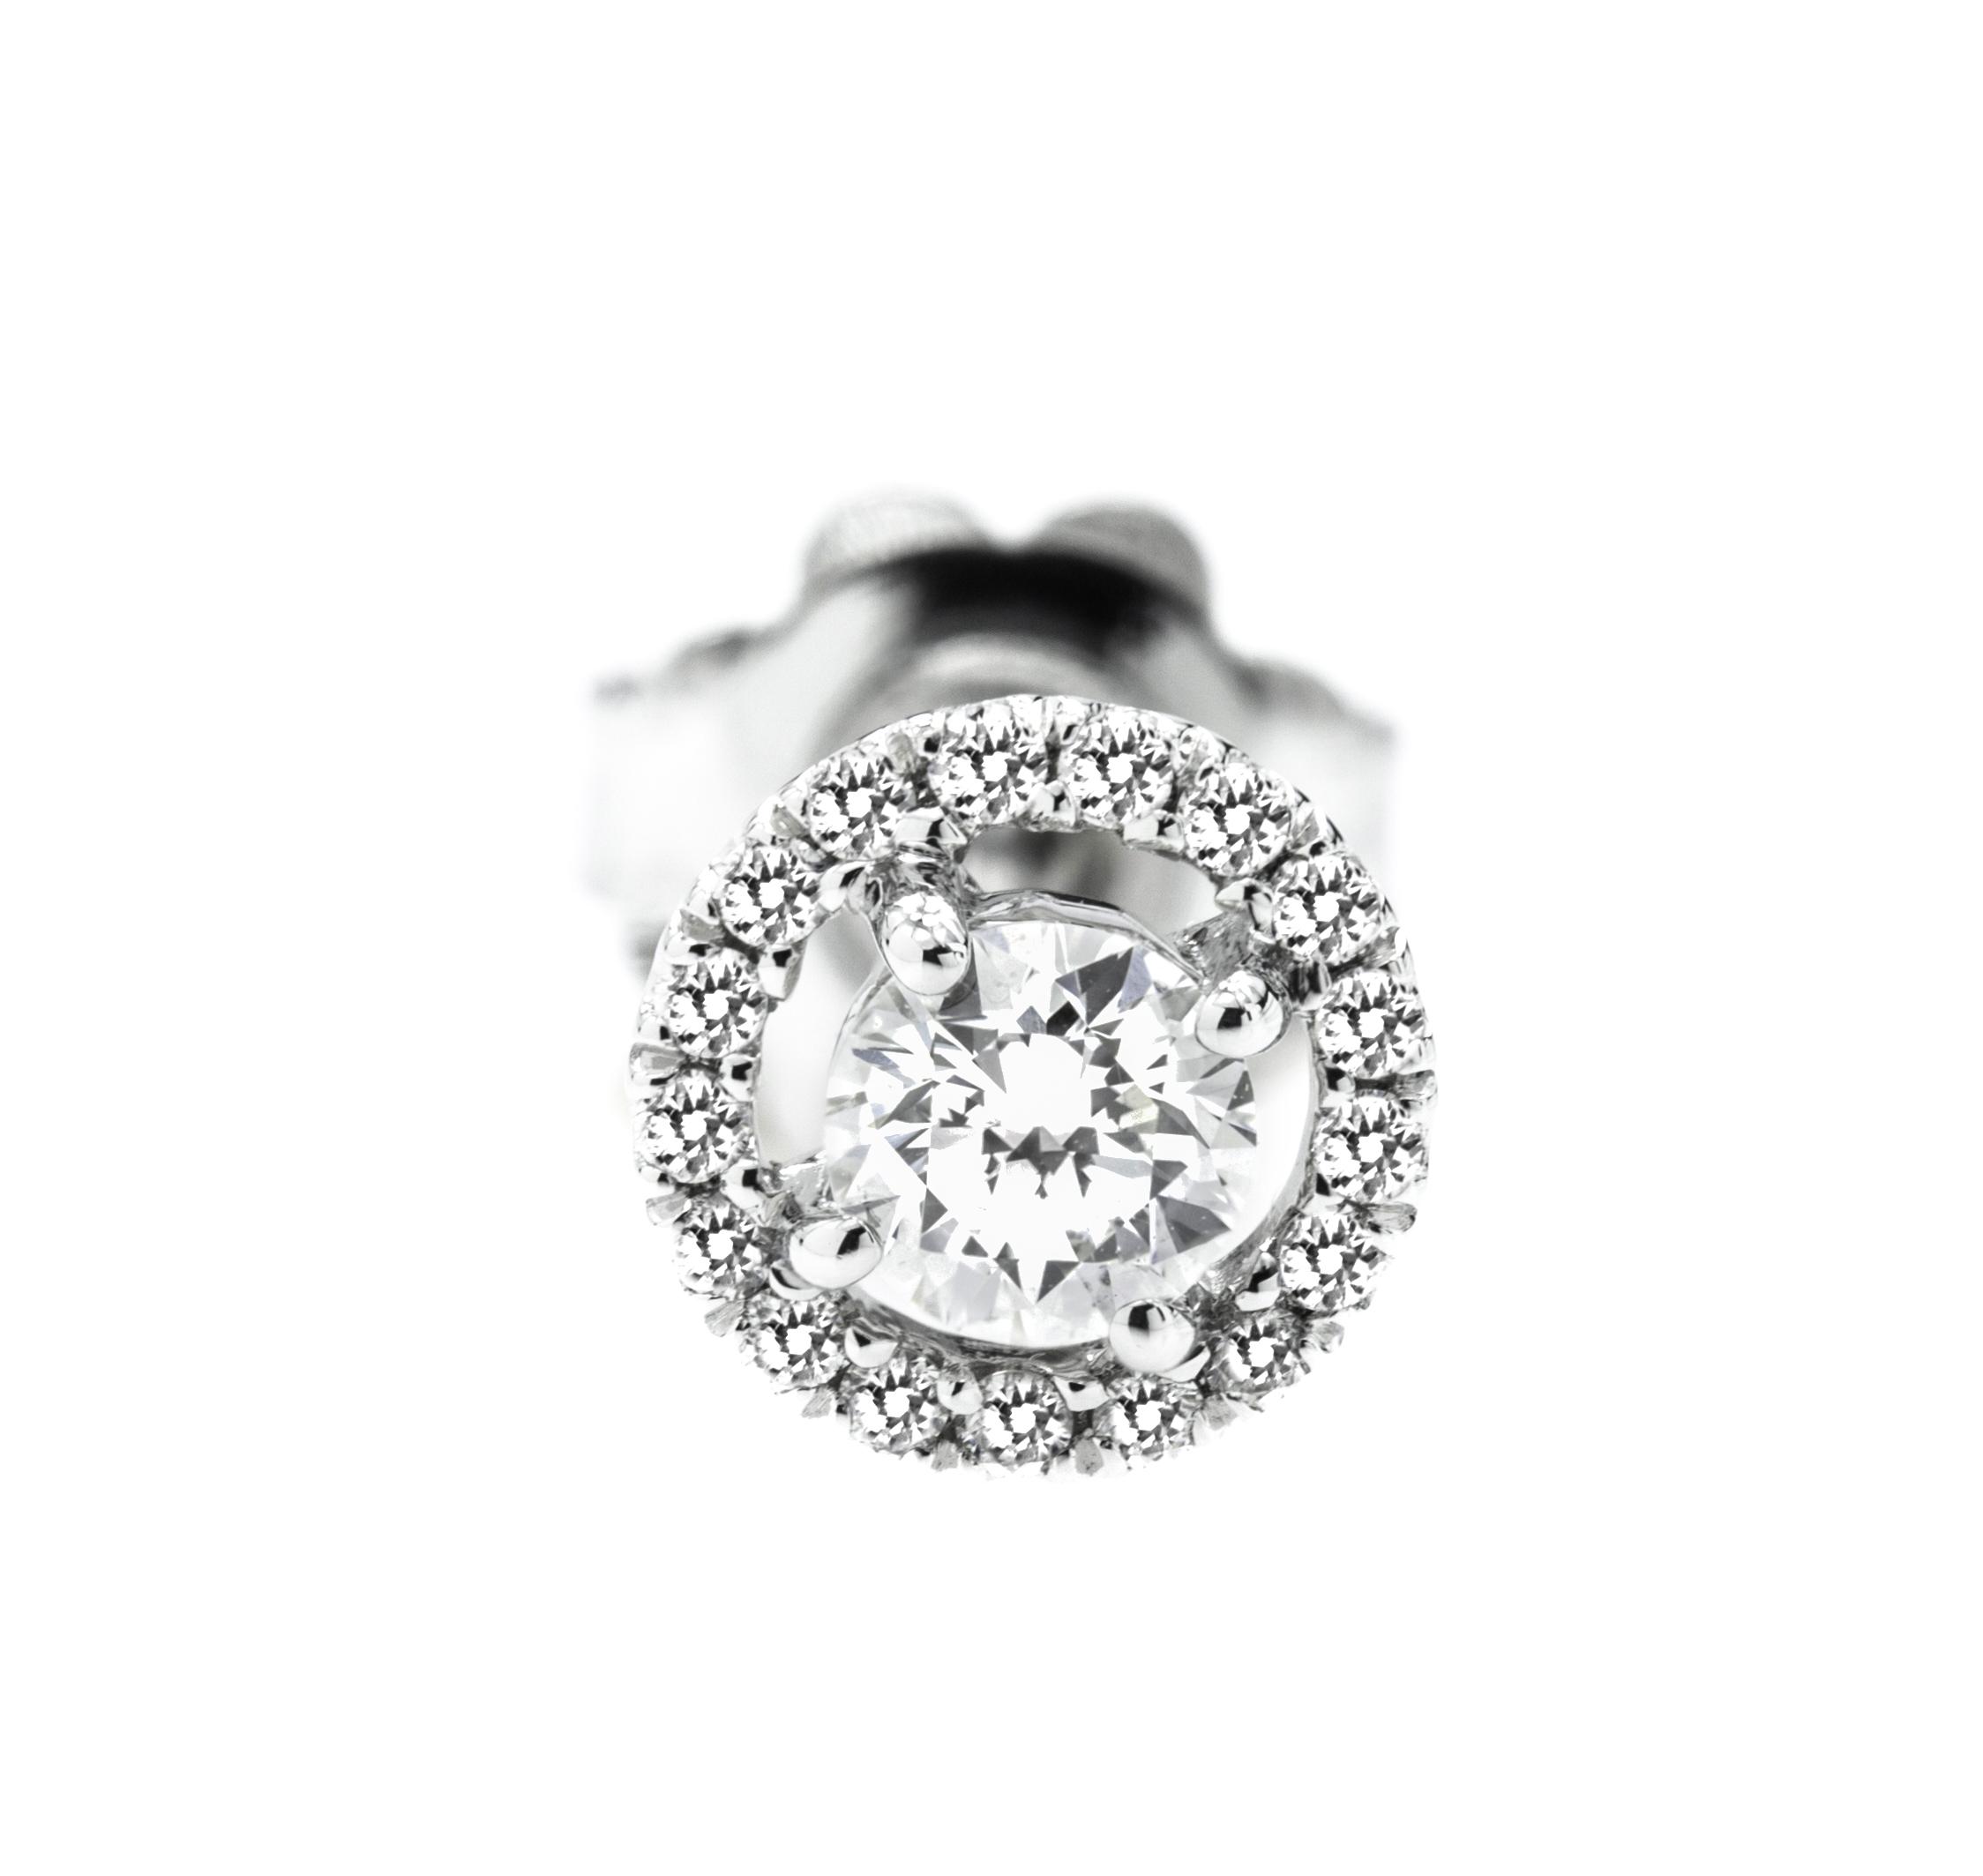 Cercei Tip Stud Aur Alb 18kt cu Diamante Rotunde Briliant, Stil Halo-img1